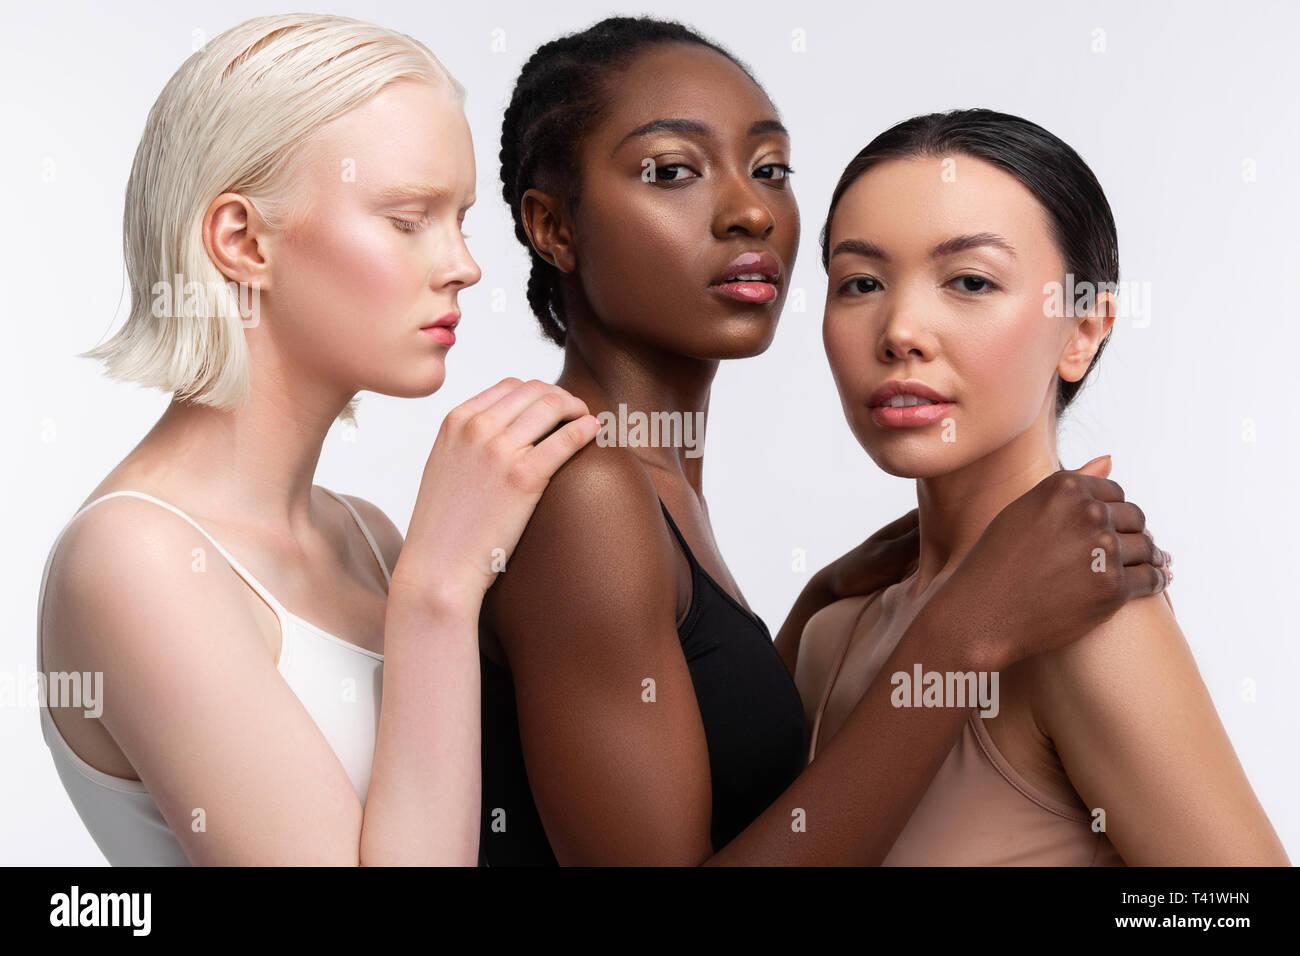 Schultern berühren. Drei Frauen mit unterschiedlichen Haut berühren, Schultern von einander beim Posing Stockbild